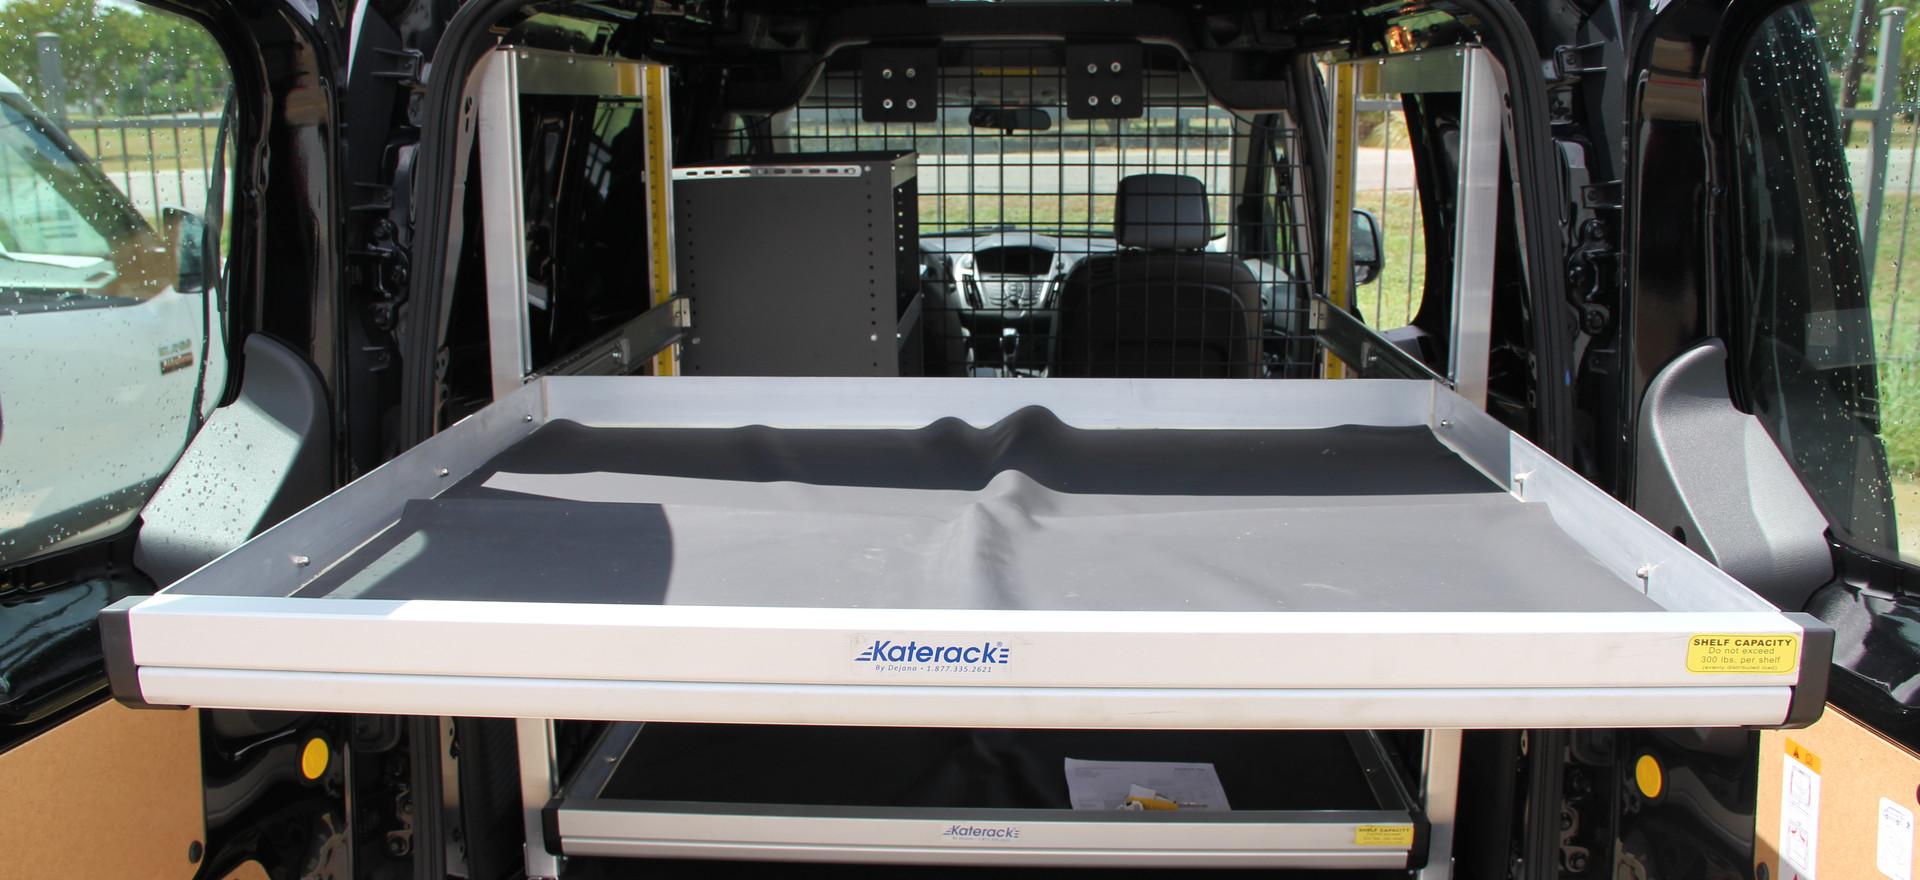 Catering Trays In Van2.JPG